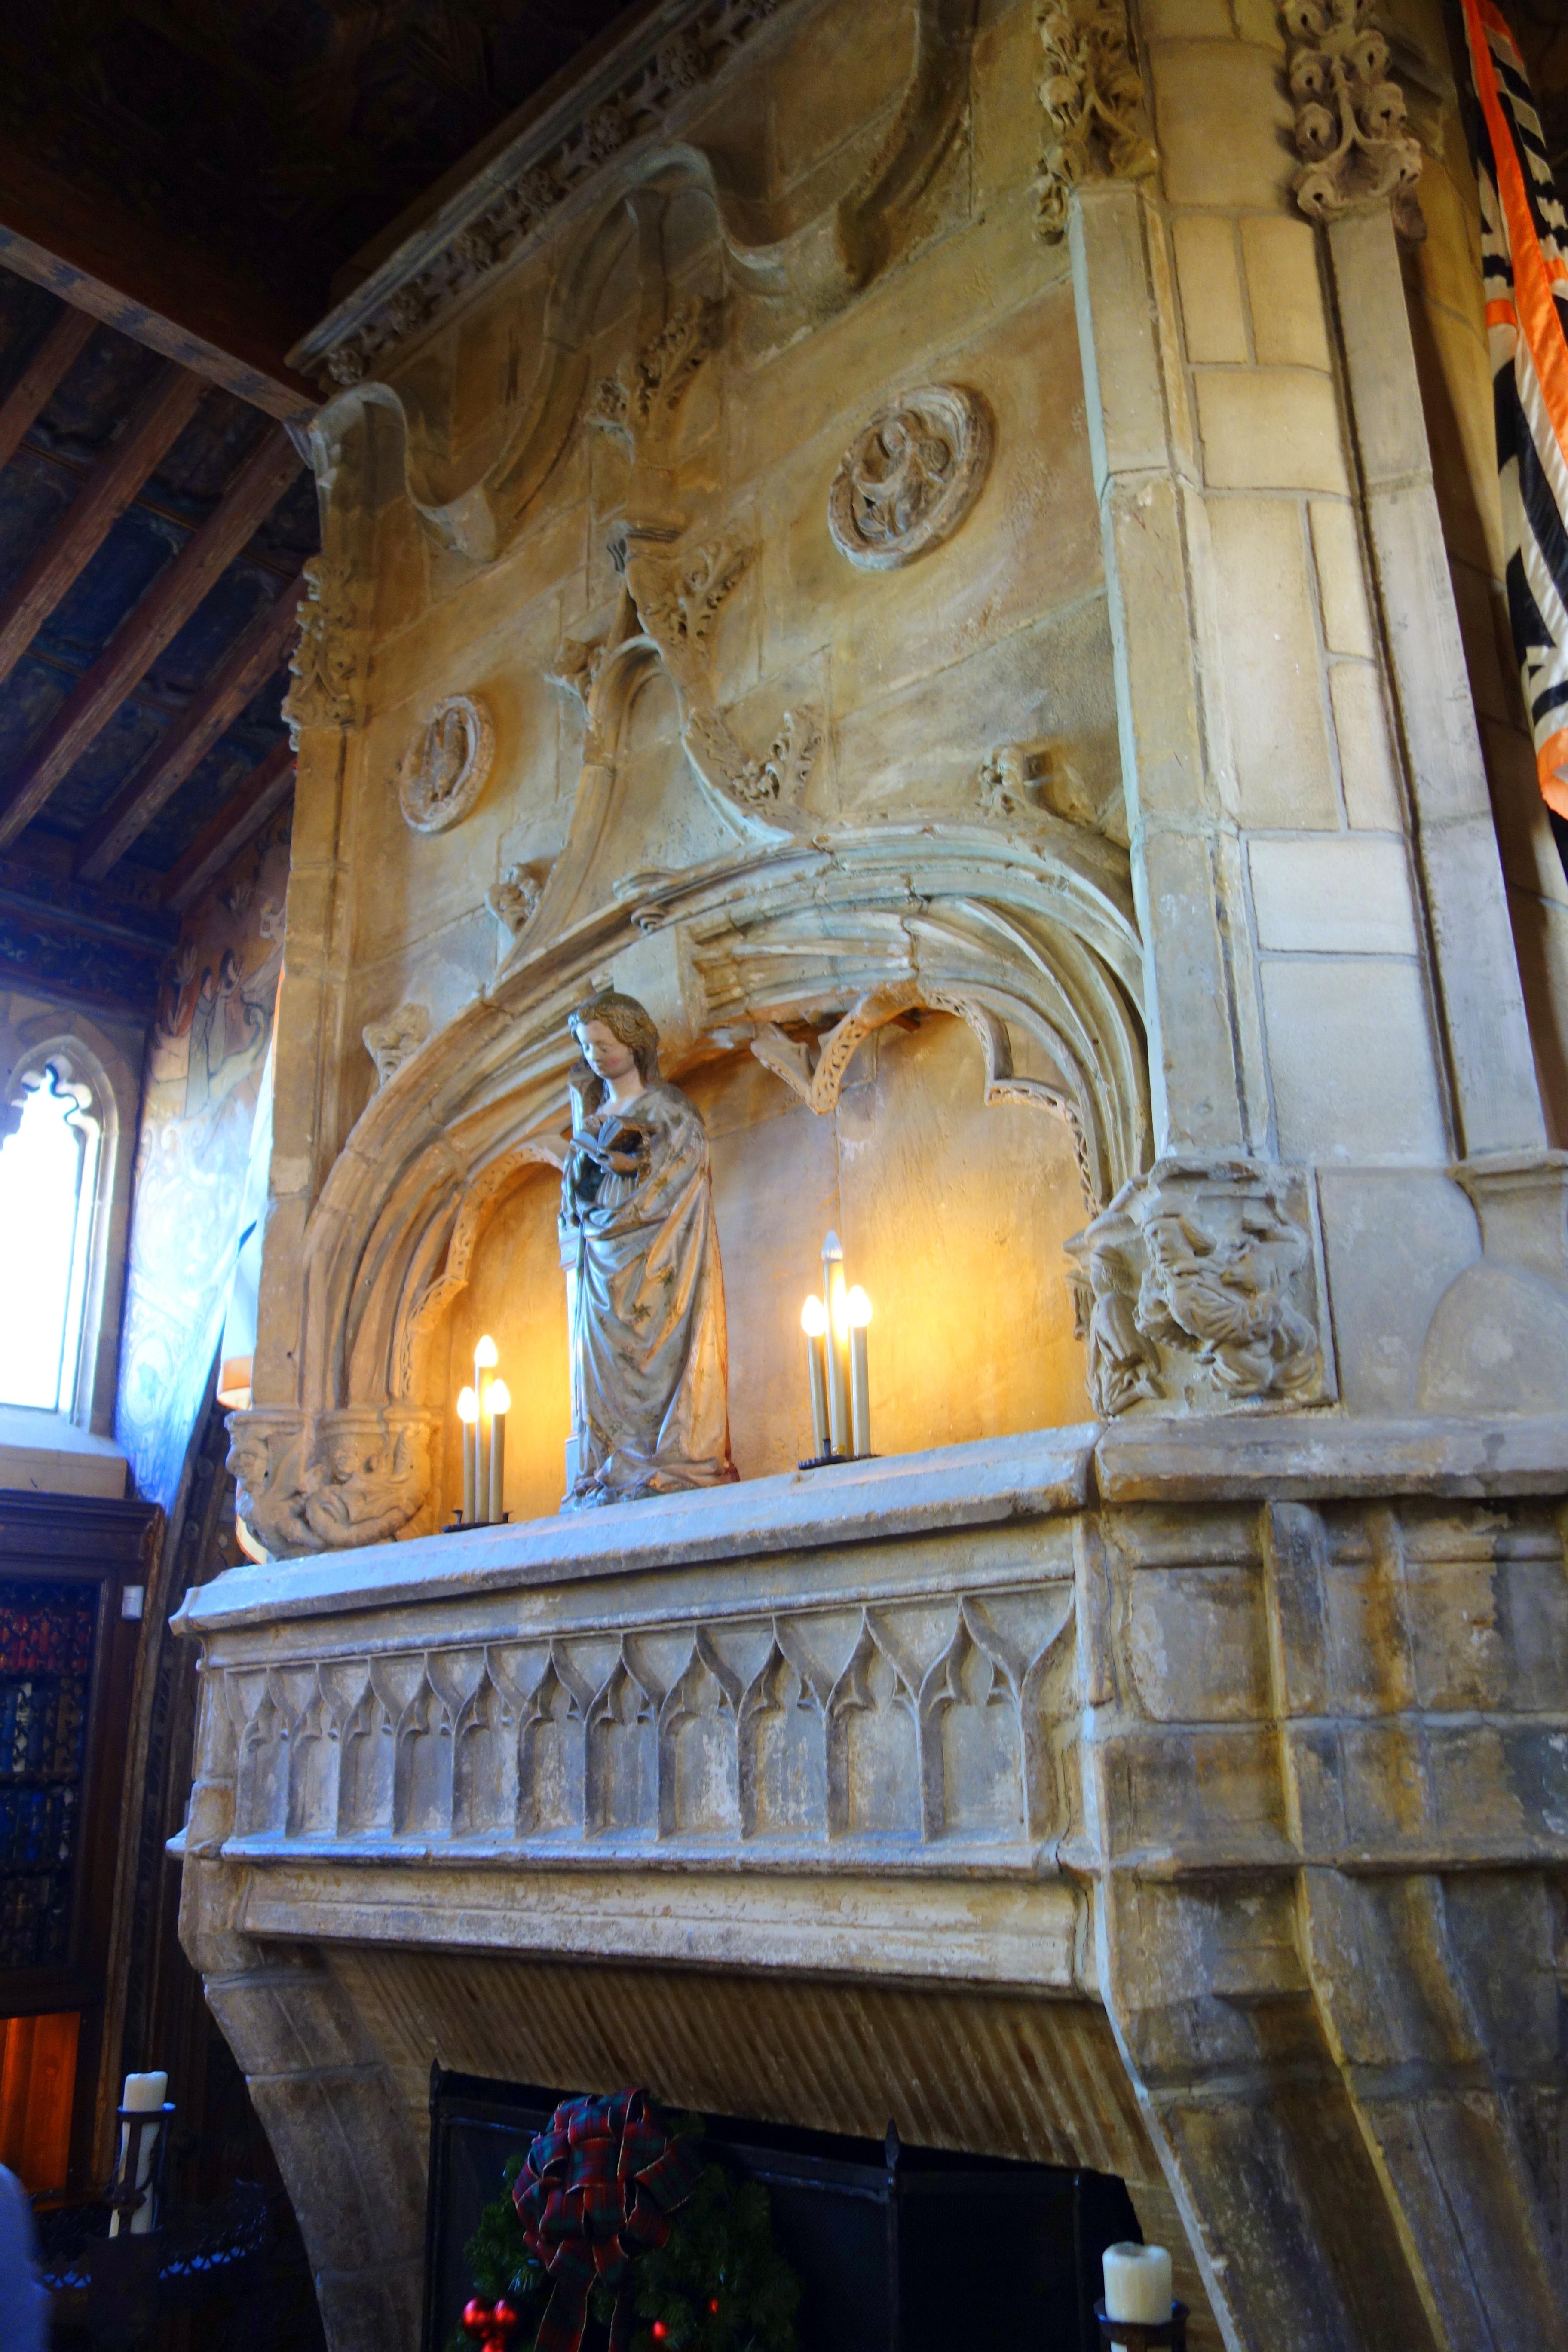 File:Fireplace in Gothic Study - Hearst Castle - DSC06927.JPG ...